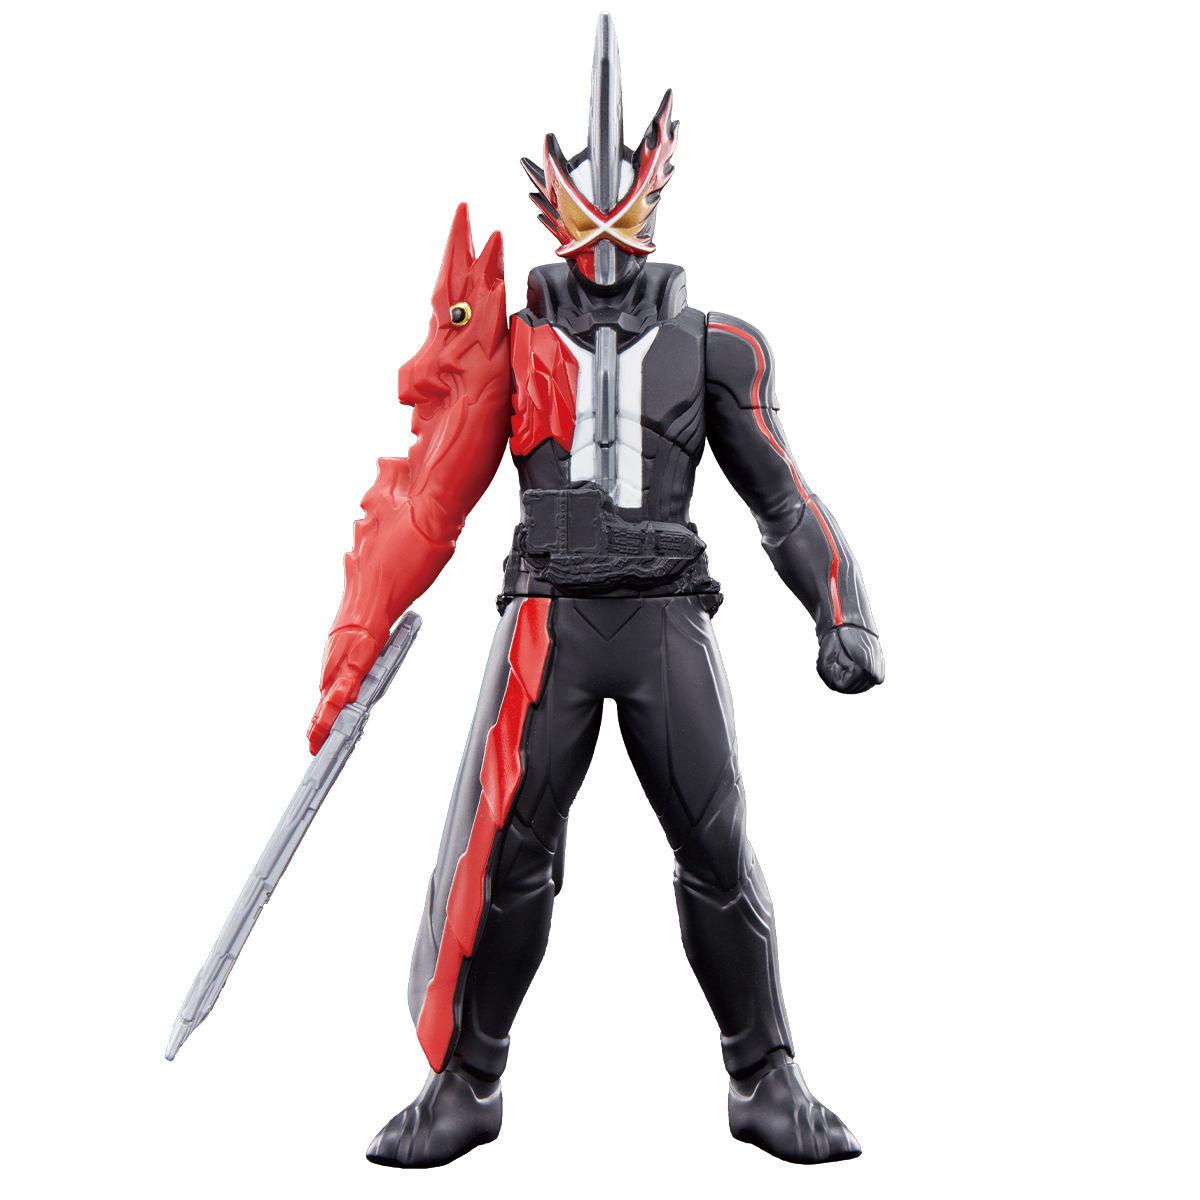 ライダーヒーローシリーズ 01仮面ライダーセイバー ブレイブドラゴン